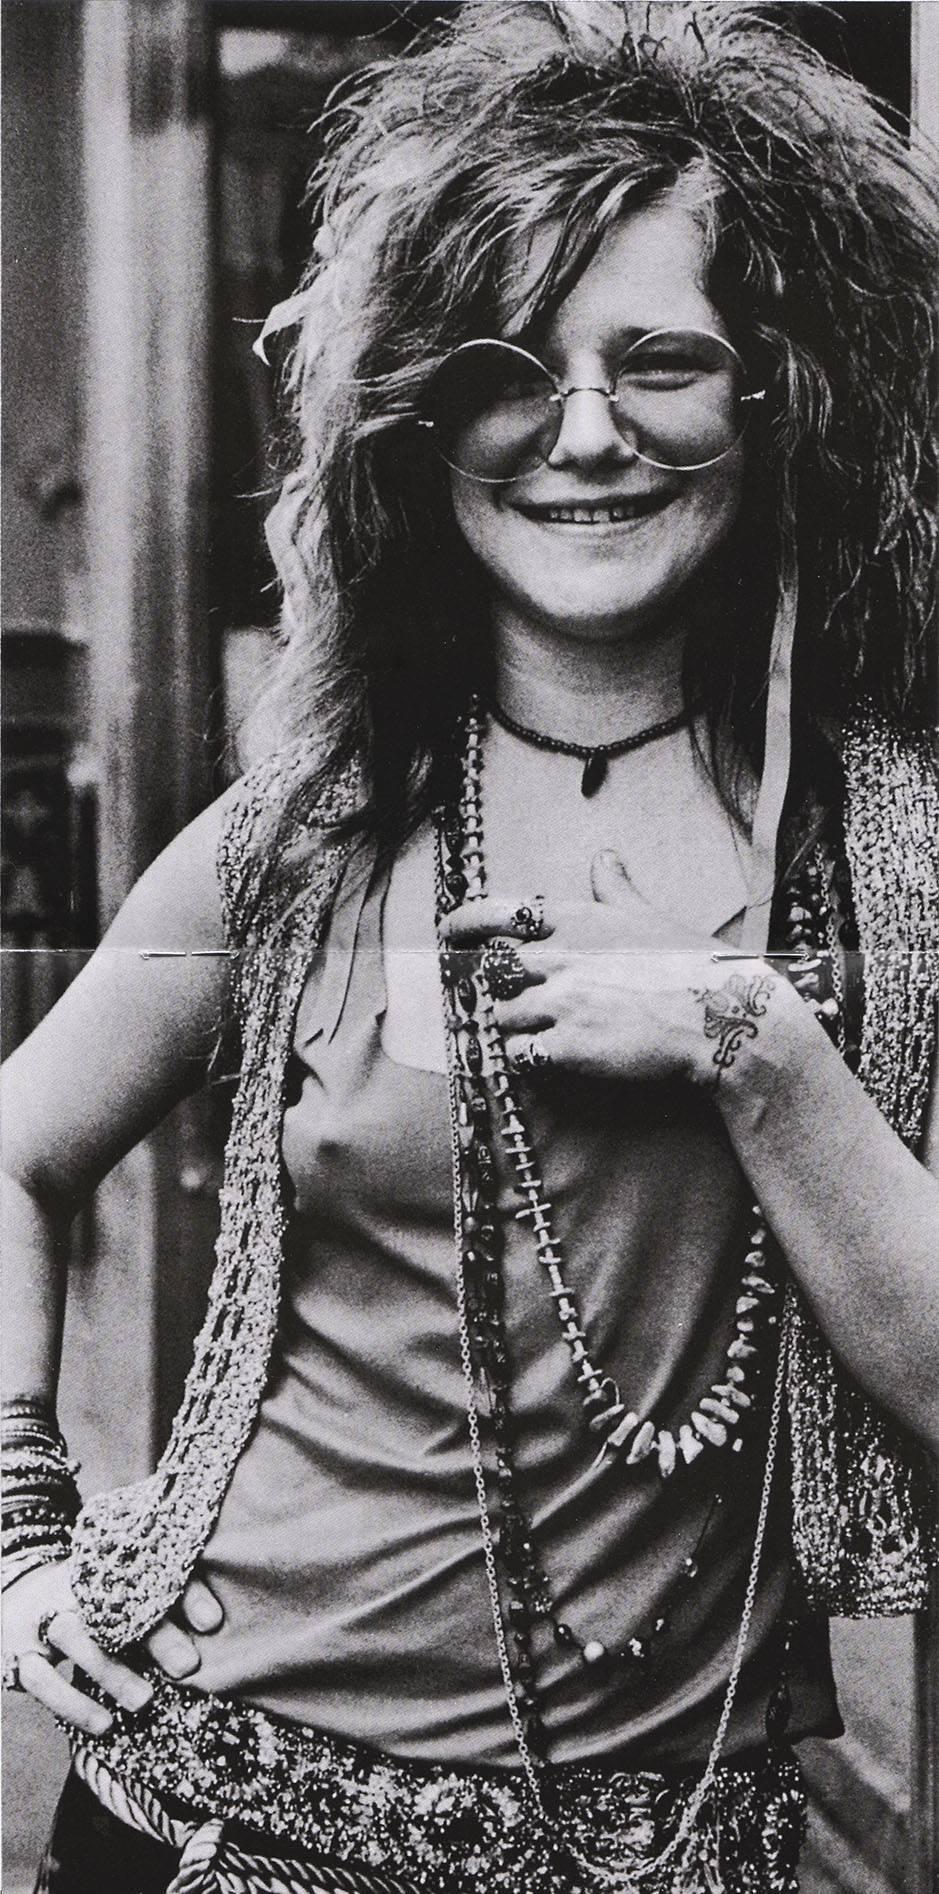 Janis joplin, Joplin, Singer